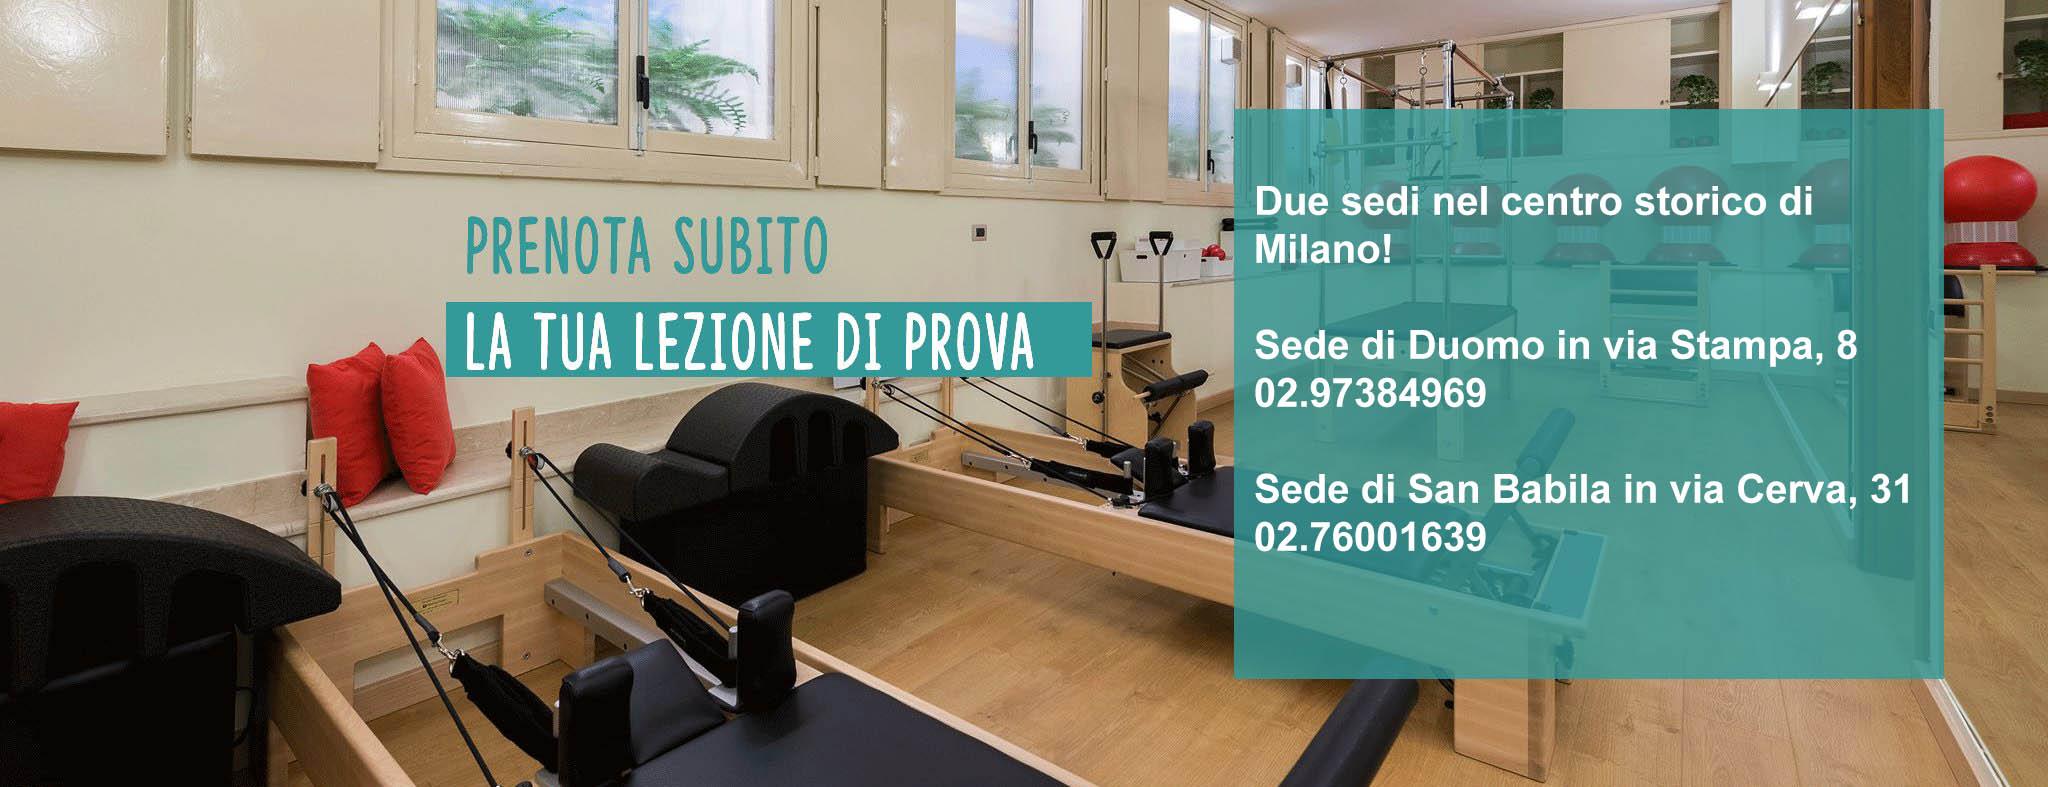 Pilates Anziani Milano - Prenota subito la tua lezione di prova